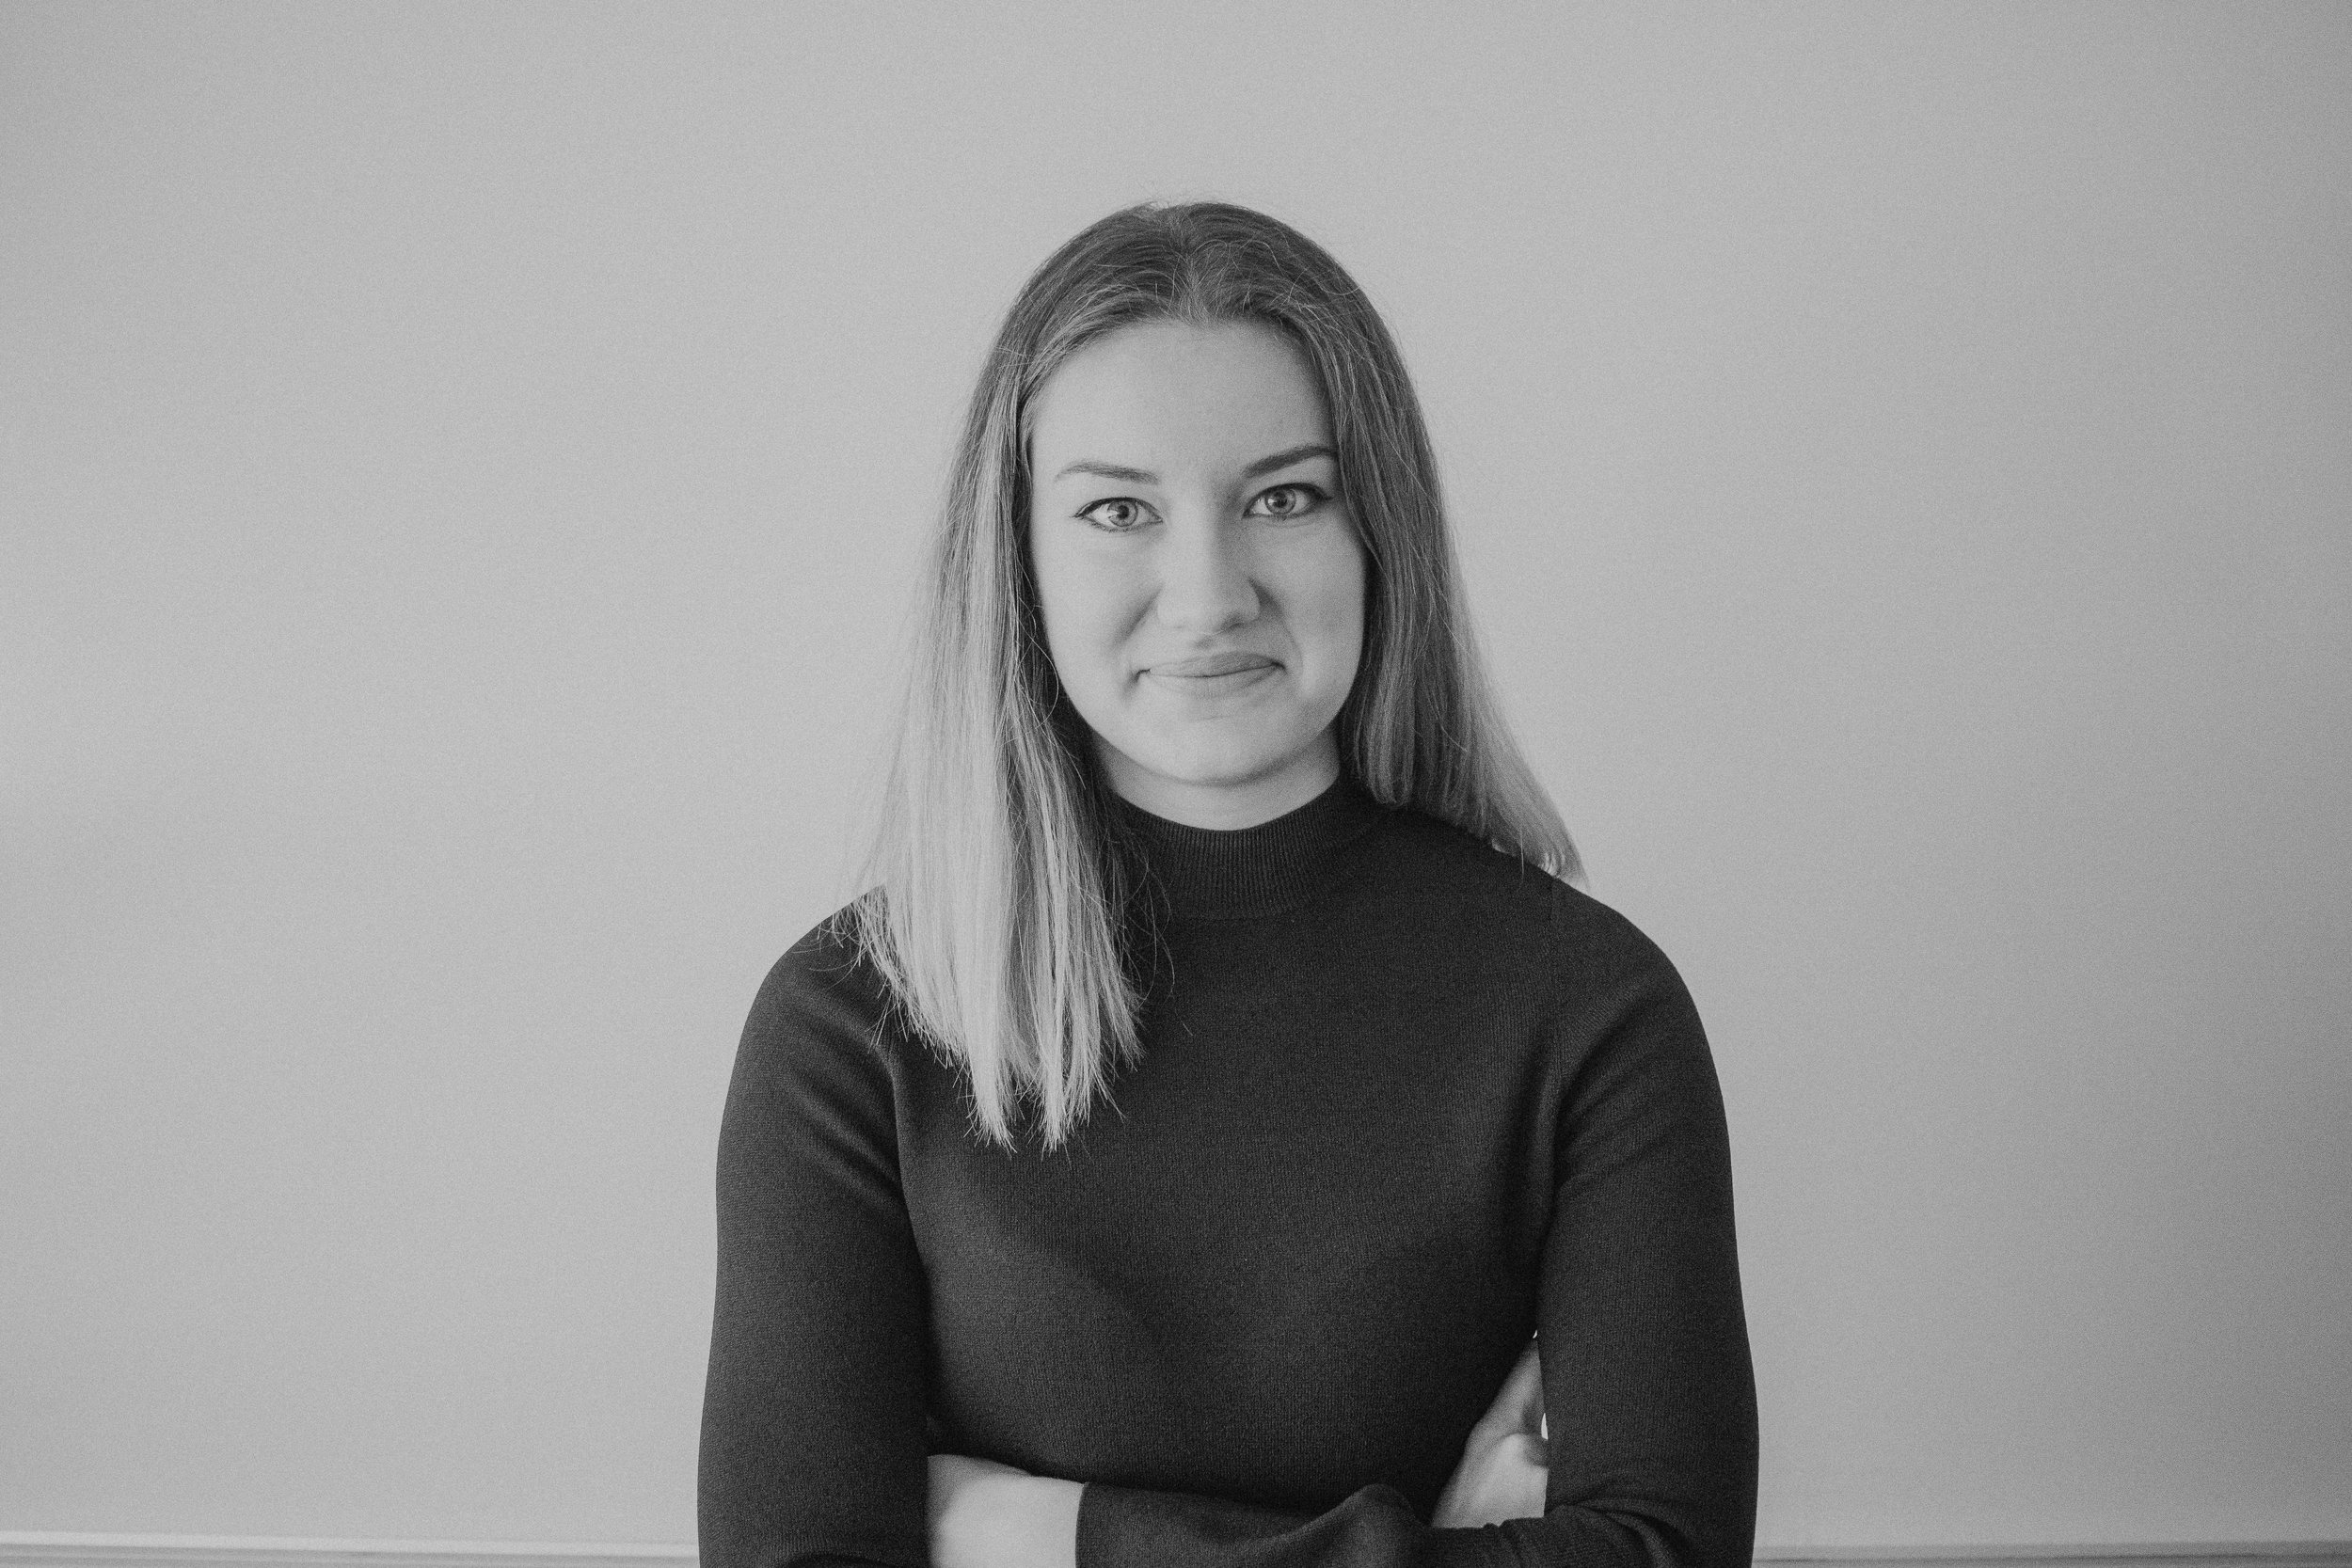 Vanessa Heinz - Account Manager